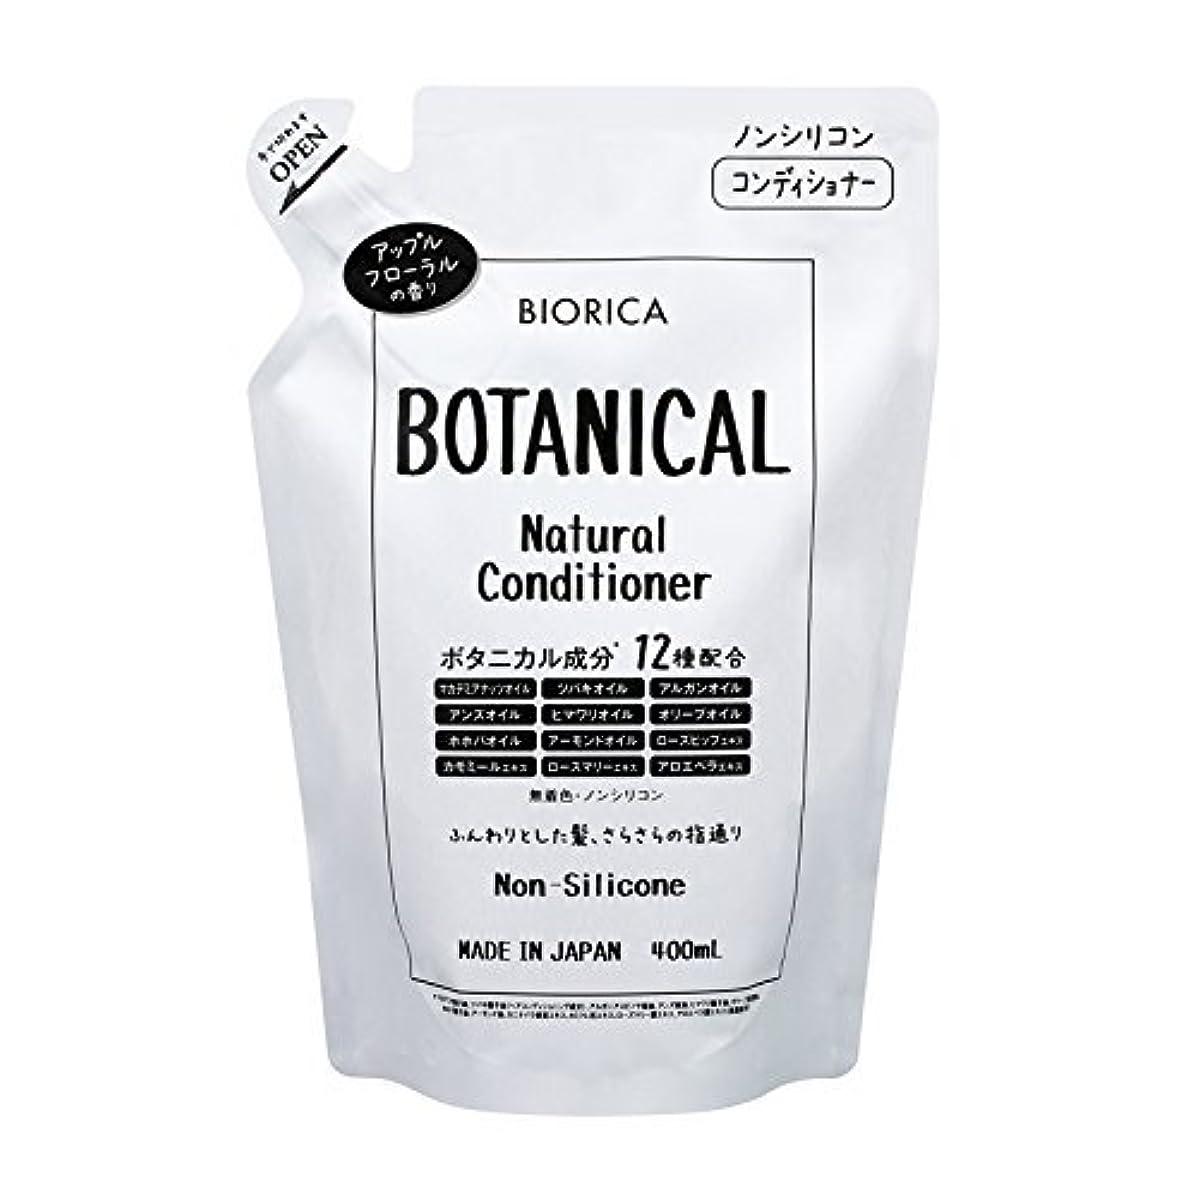 開いた因子明快BIORICA ビオリカ ボタニカル ノンシリコン コンディショナー 詰め替え アップルフローラルの香り 400ml 日本製